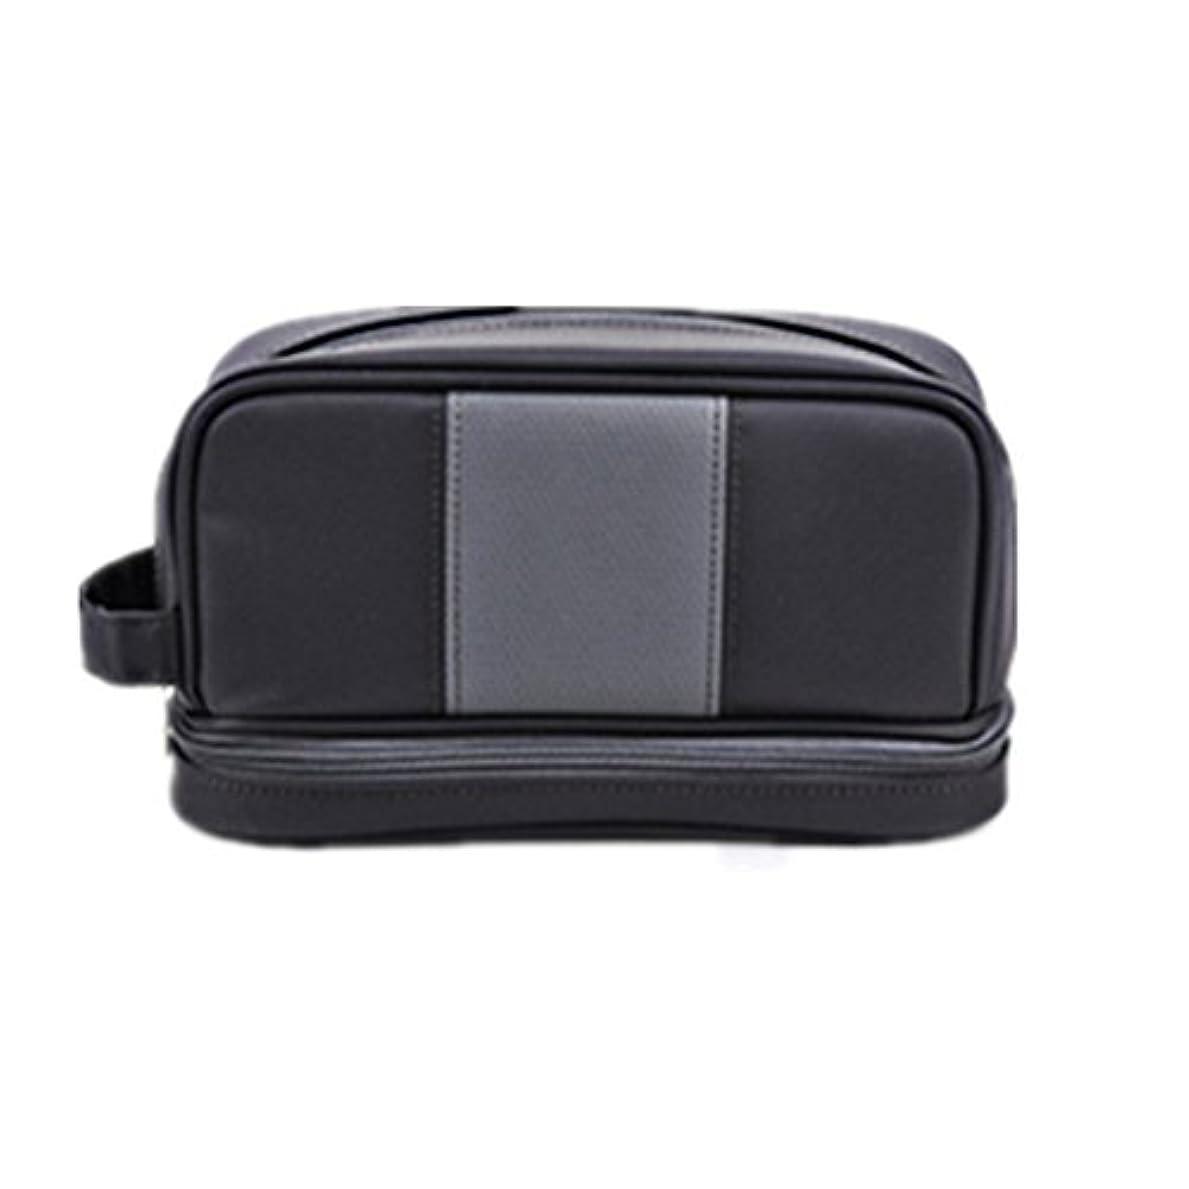 特大スペース収納ビューティーボックス 旅行付属品のための携帯用小さい化粧箱シャンプーボディ洗浄個人的な項目ロックおよびスライドの皿が付いている貯蔵 化粧品化粧台